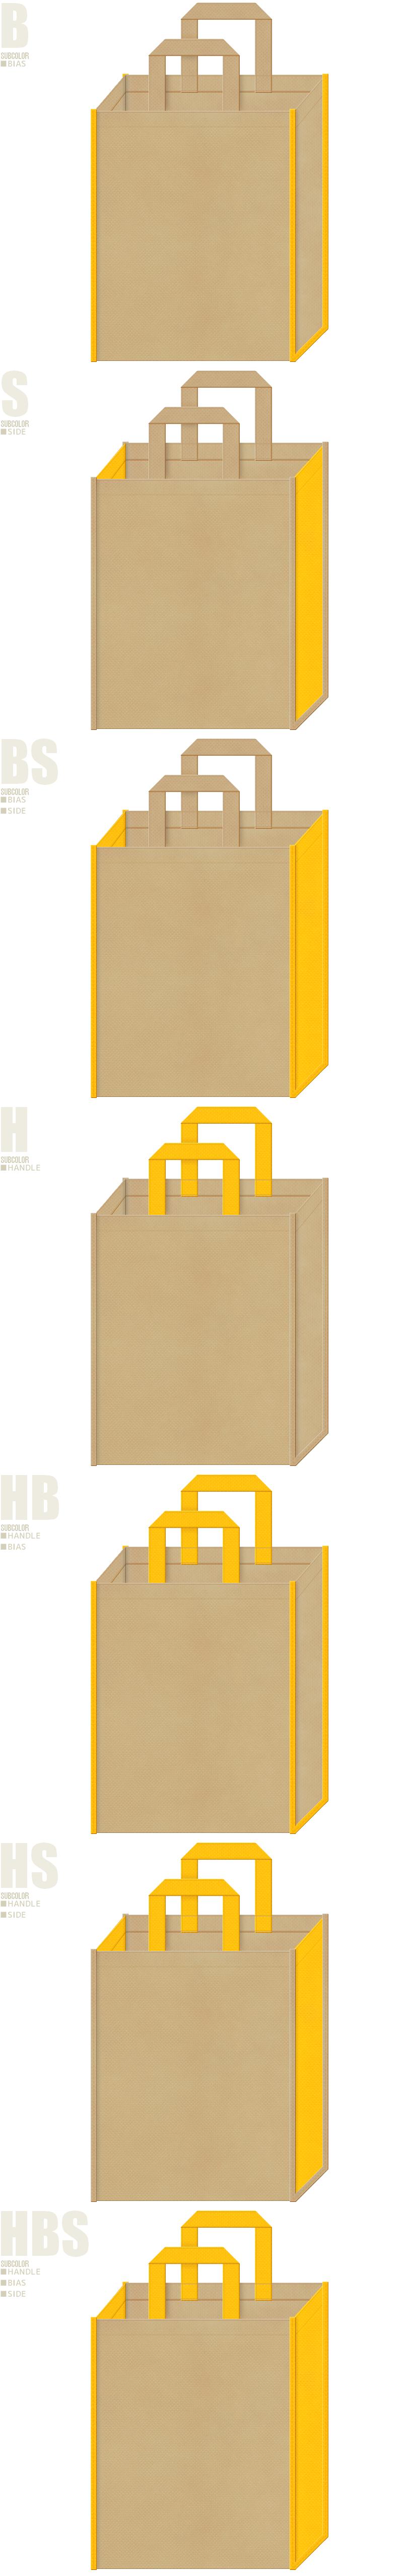 カーキ色と黄色、7パターンの不織布トートバッグ配色デザイン例。スイーツのショッピングバッグにお奨めです。